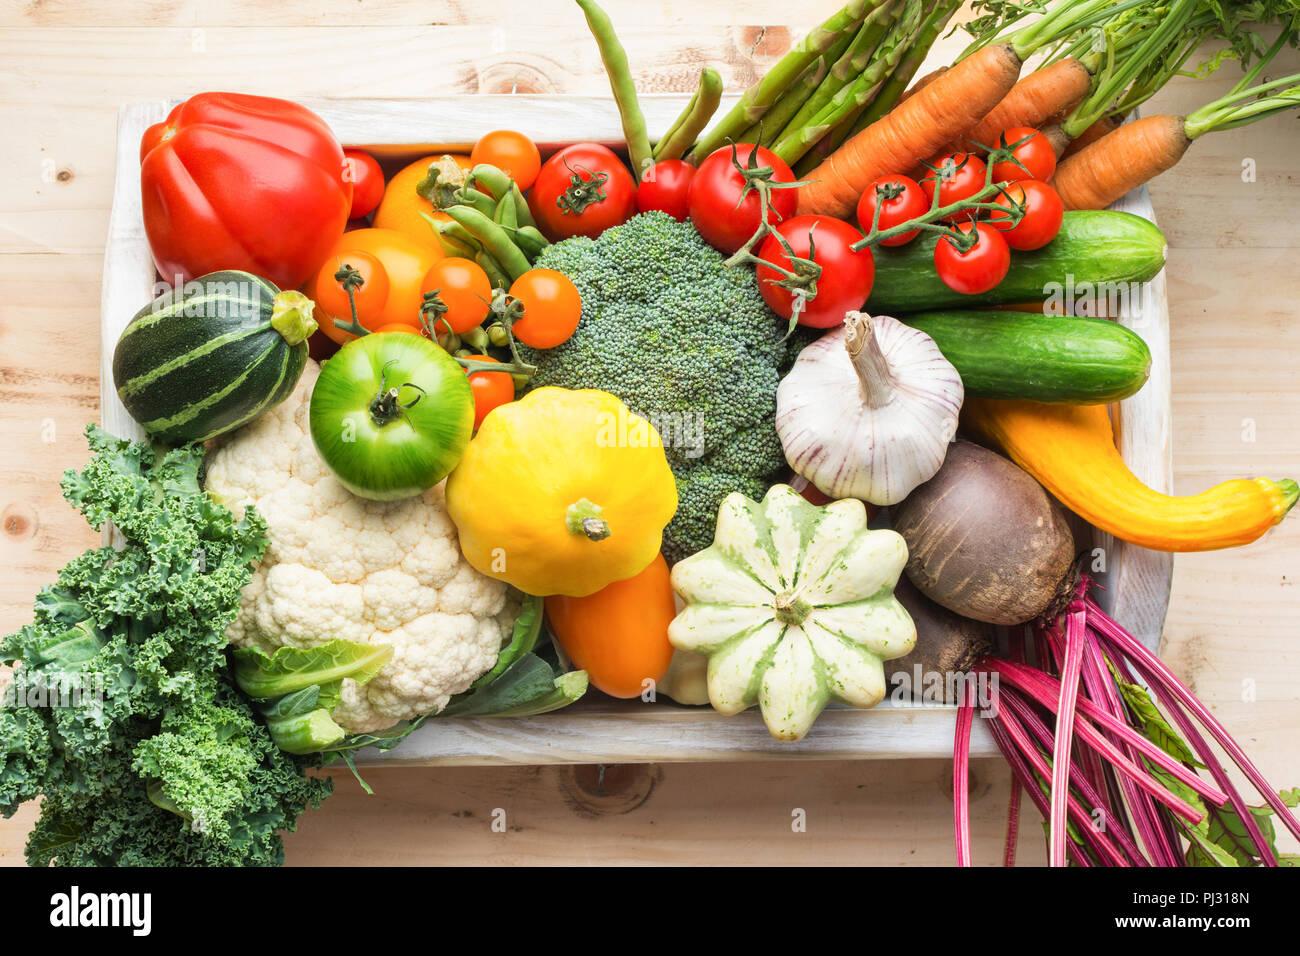 Frisches Bio-Gemüse in einem weißen Fach auf Holz Kiefer Tabelle, Ansicht von oben, selektiver Fokus Stockbild